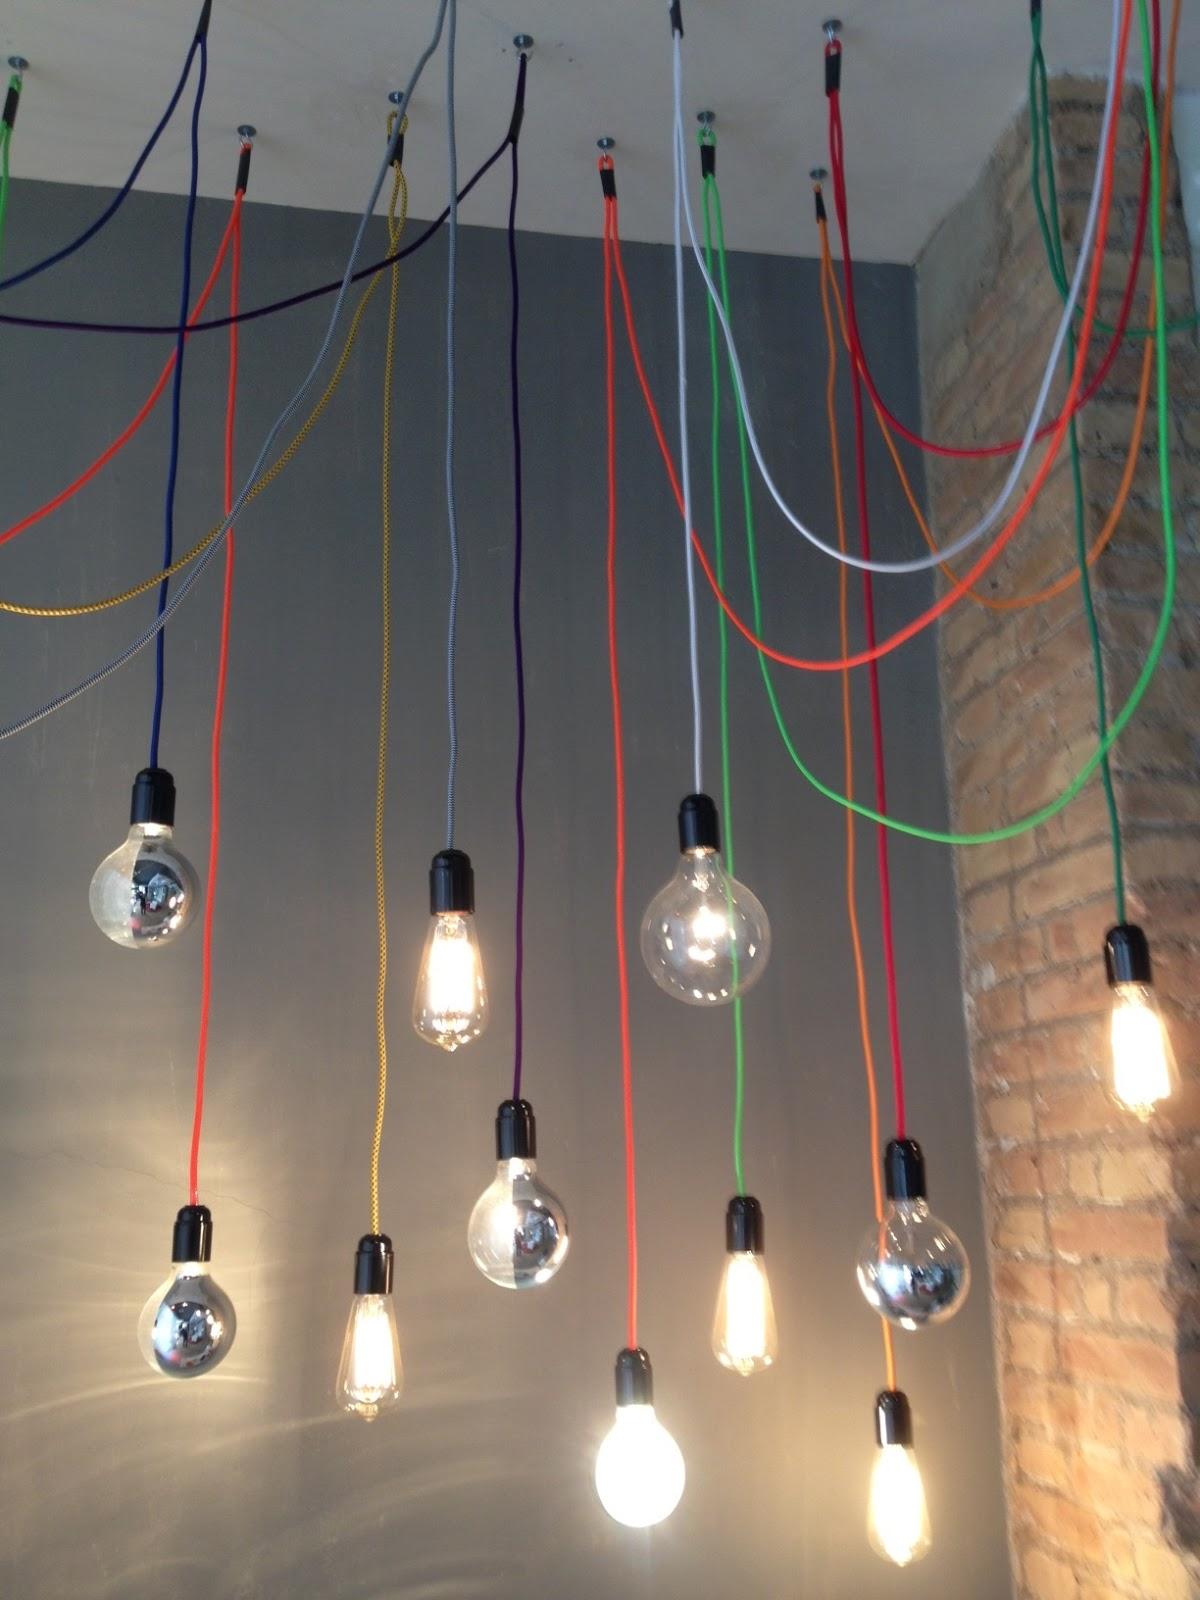 Lamparas urban vintage Cables electricos de colores